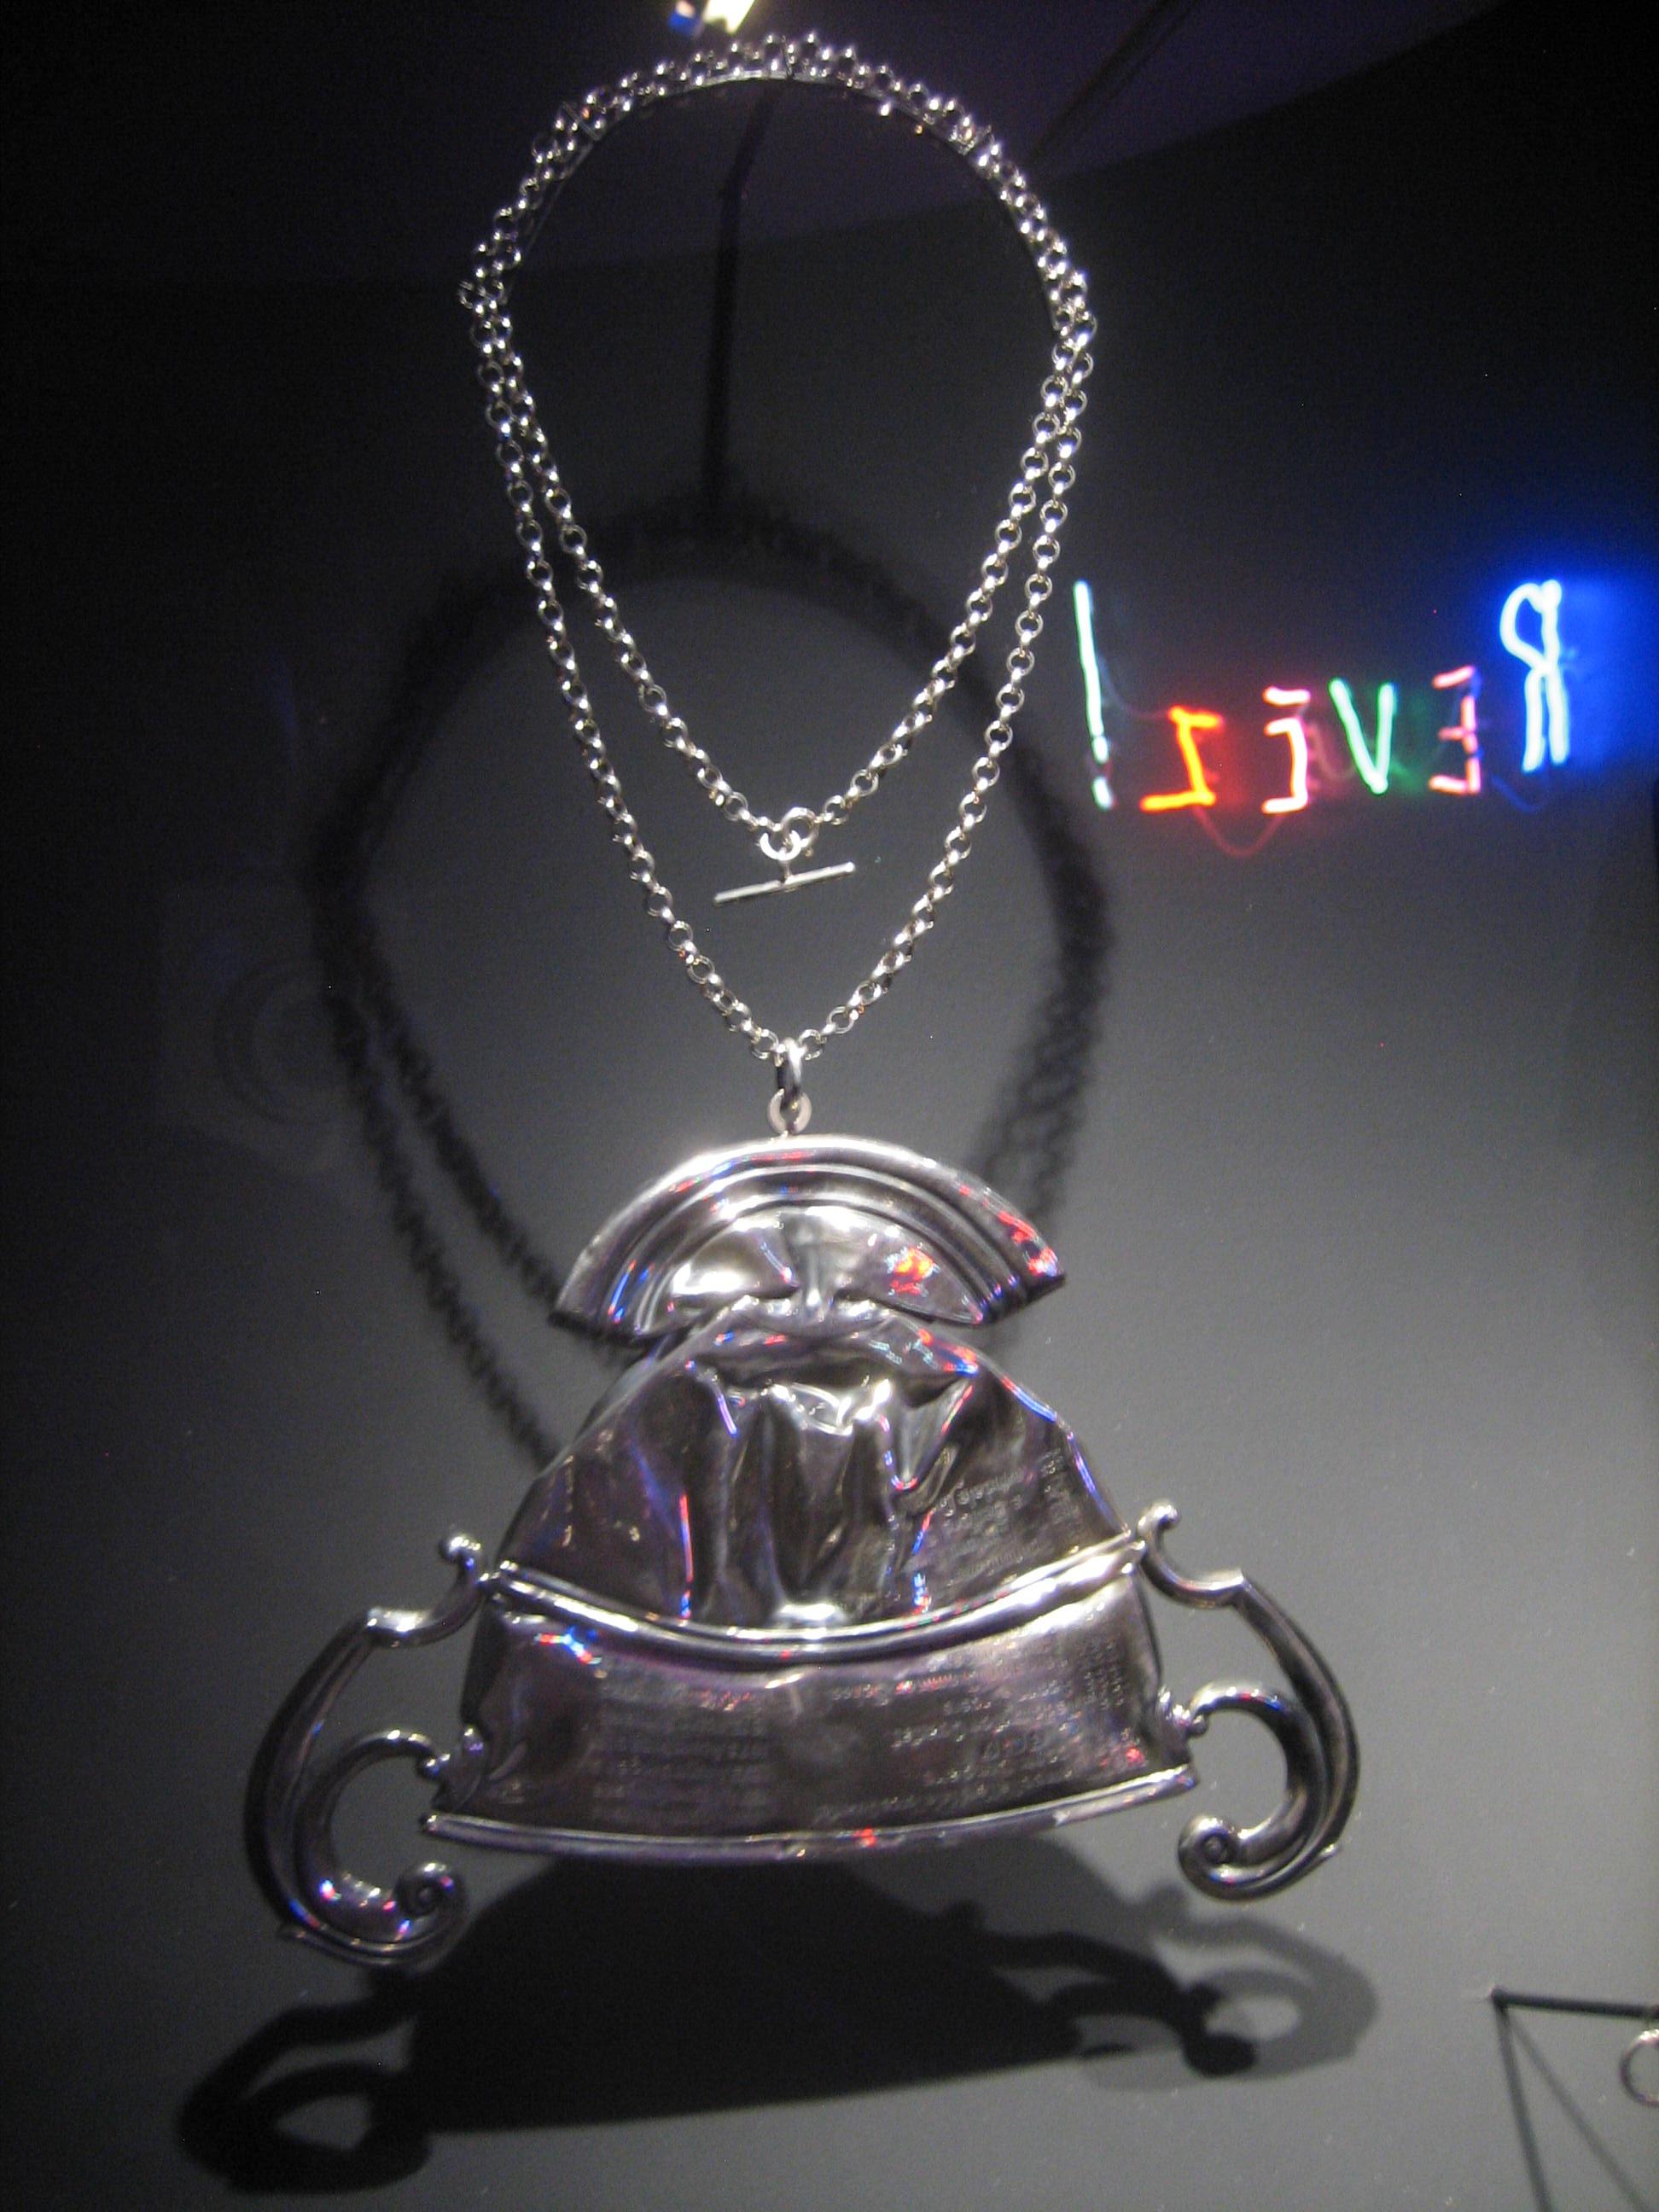 Cornelia Parker, Fallen Trophy (Medium), halssieraad, 2011. Collectie Diane Venet. Foto Esther Doornbusch, juni 2018, CC BY 4.0